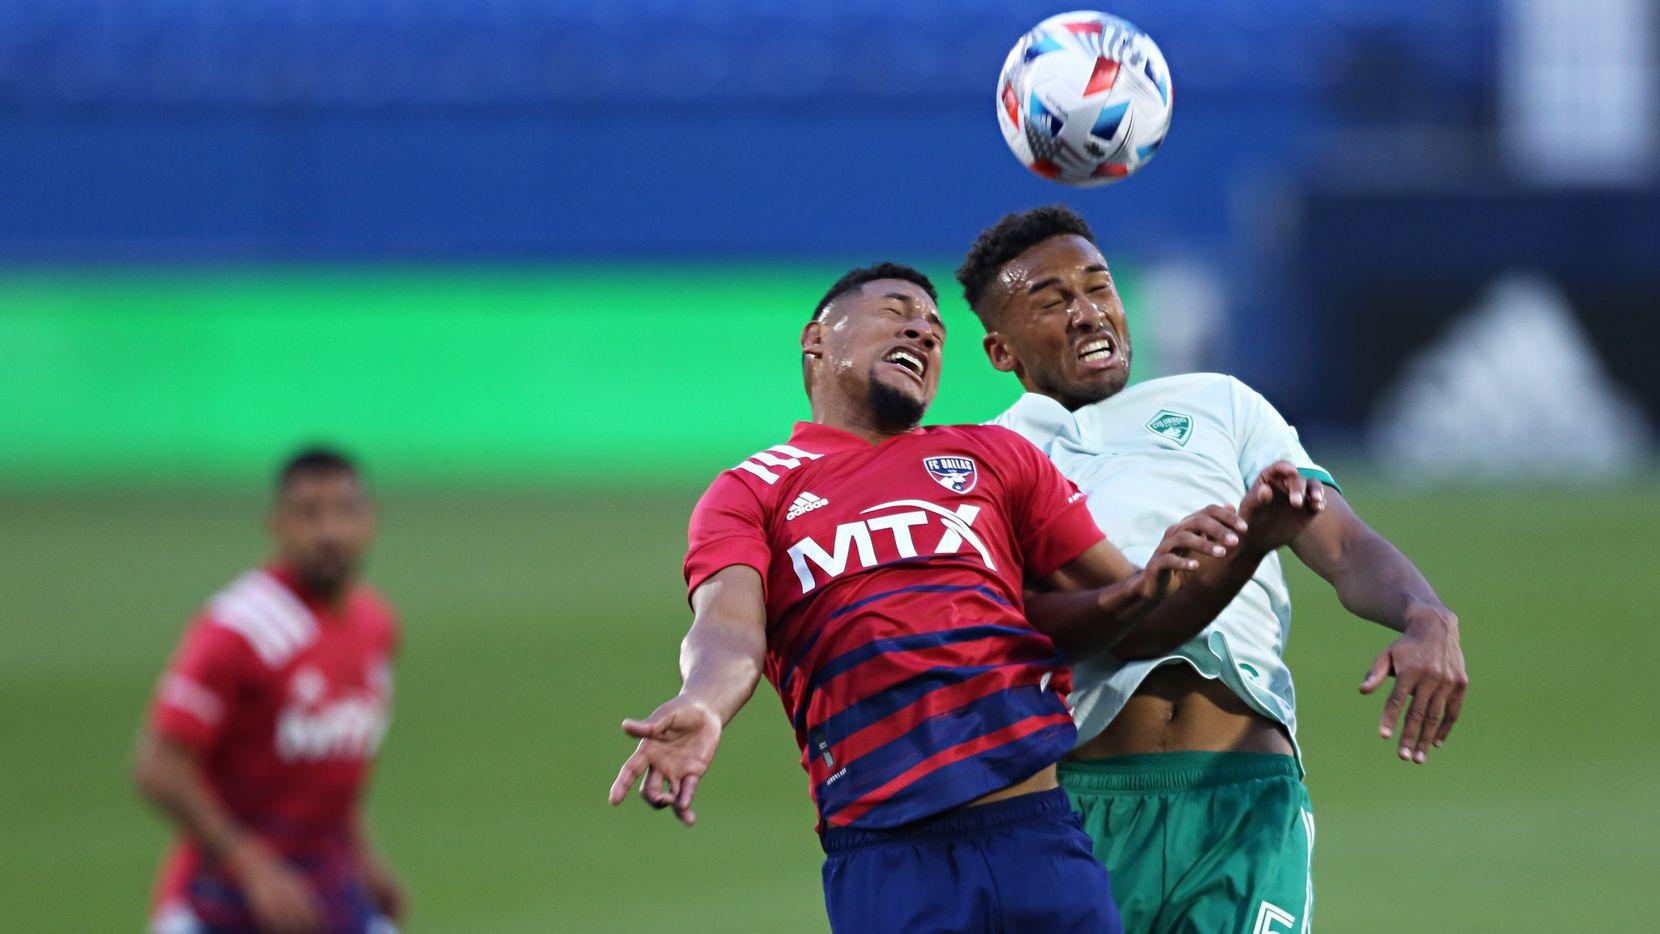 FC Dallas y Rapids de Colorado empataron 0-0 en su juego inaugural de la temporada 2021 de la MLS efectuado en el Toyota Stadium de Frisco, el 17 de abril de 2021.